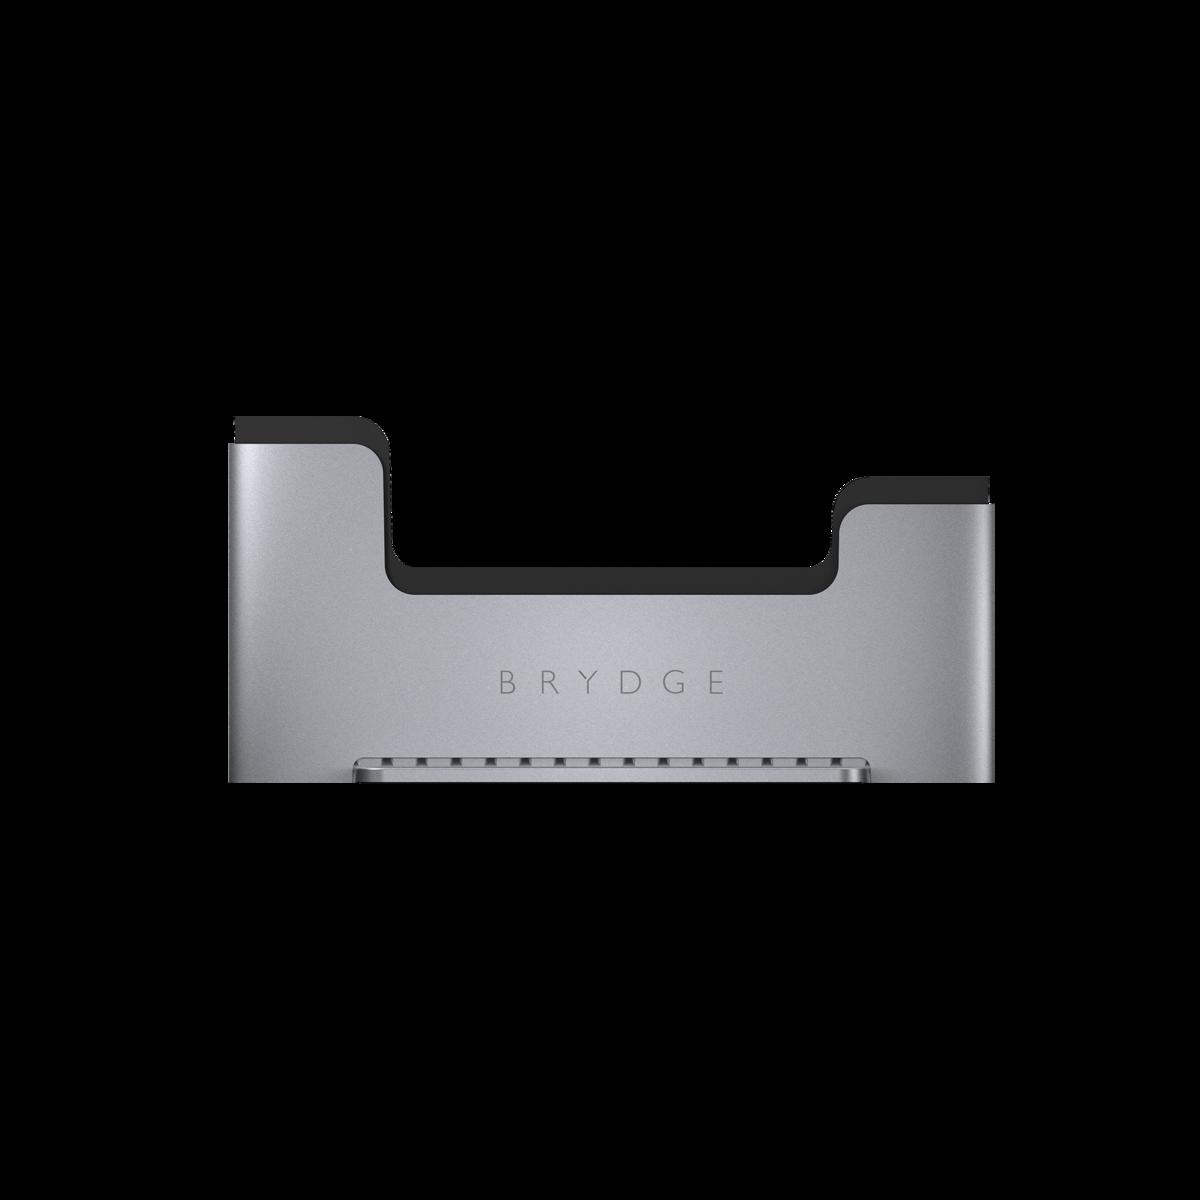 Macbook Vertical Dock Brydge Australia In 2020 Macbook Dock Vertical